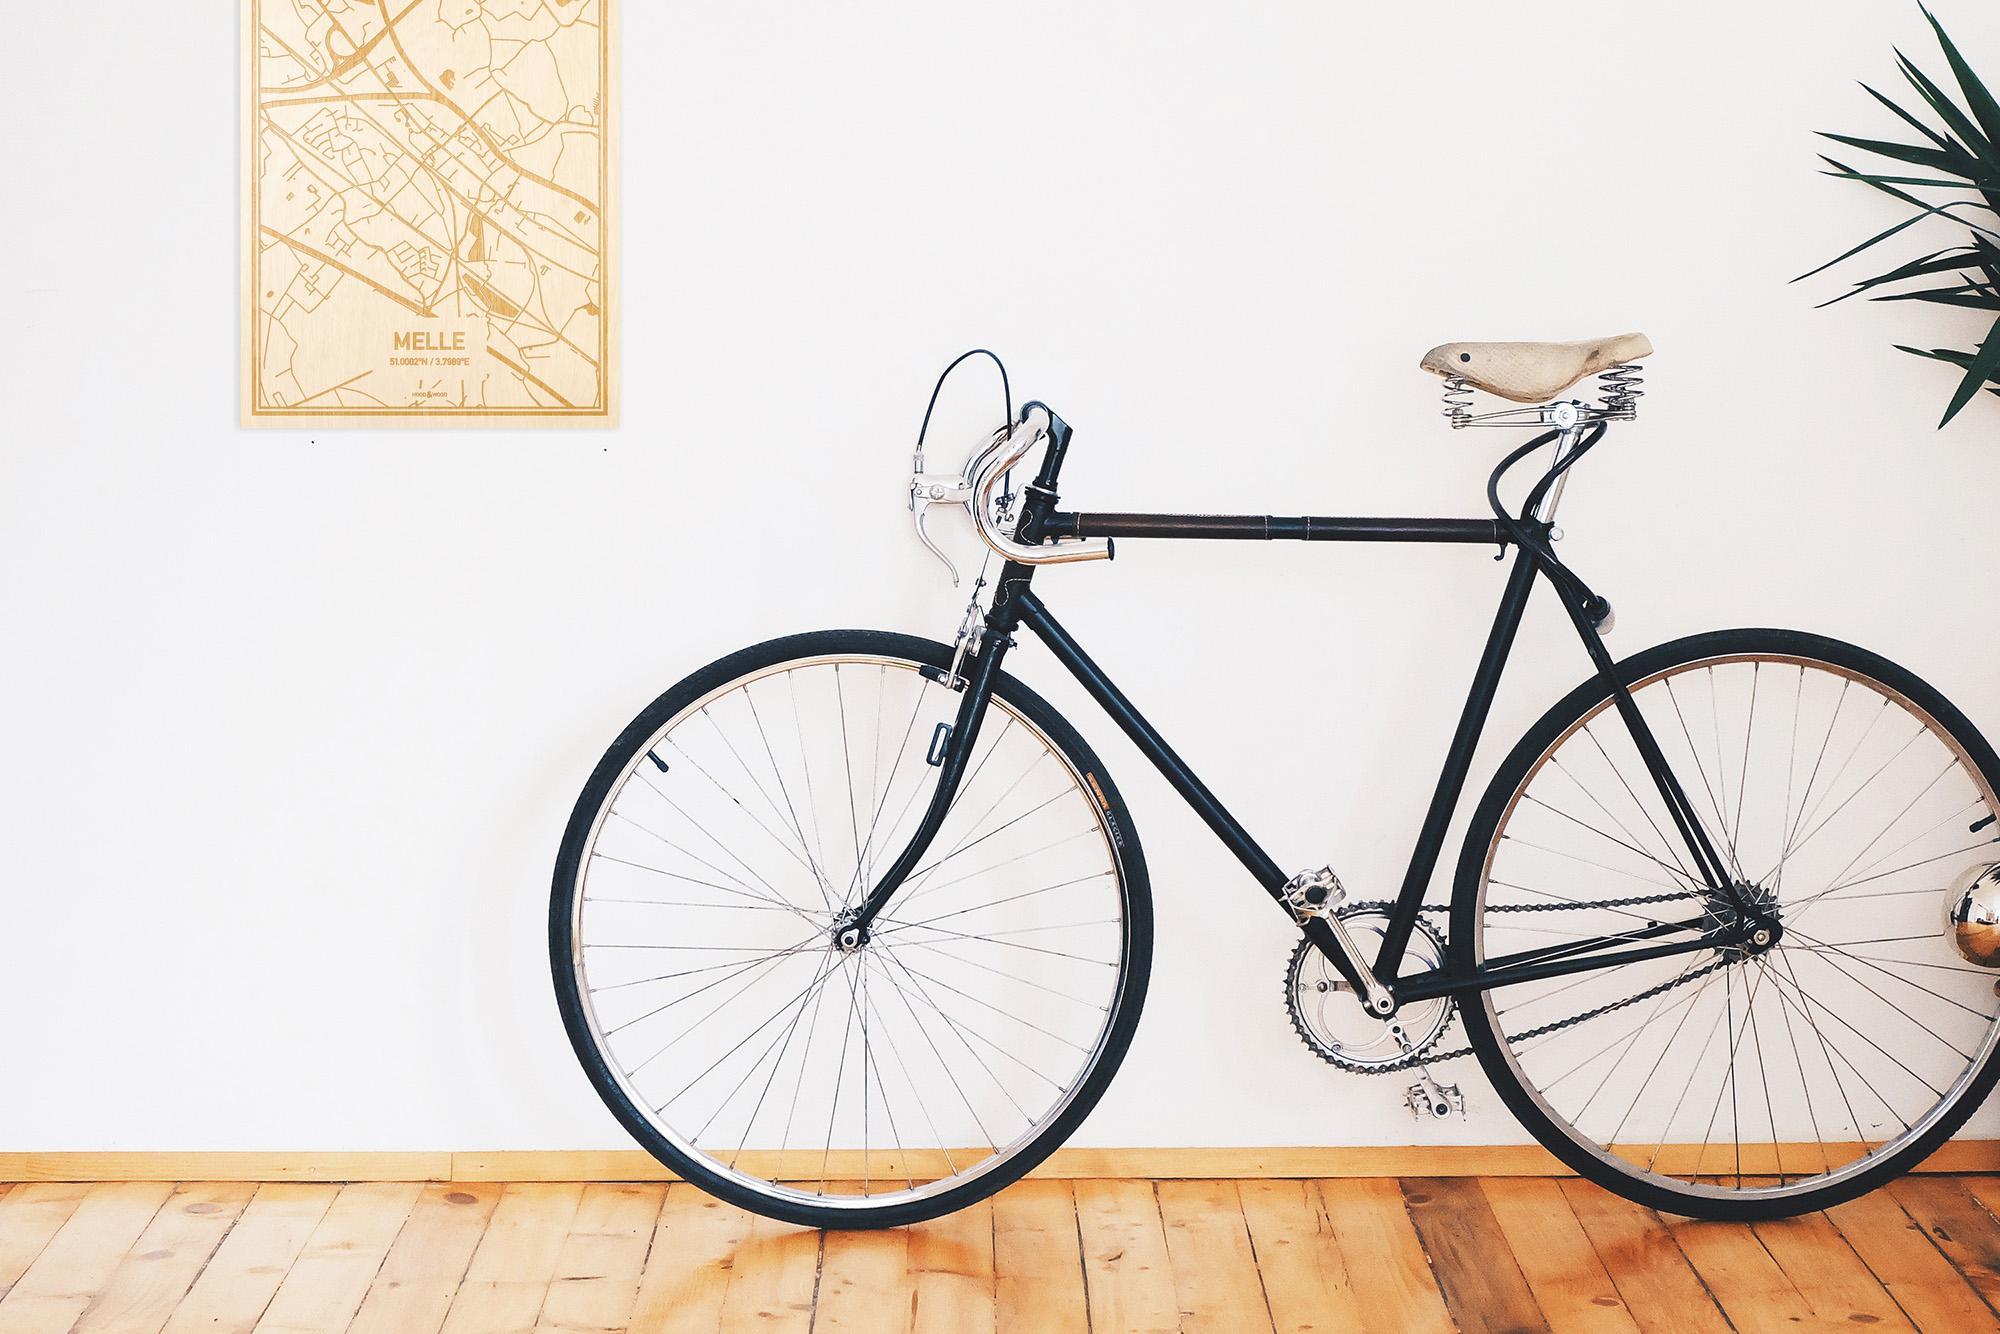 Een snelle fiets in een uniek interieur in Oost-Vlaanderen  met mooie decoratie zoals de plattegrond Melle.